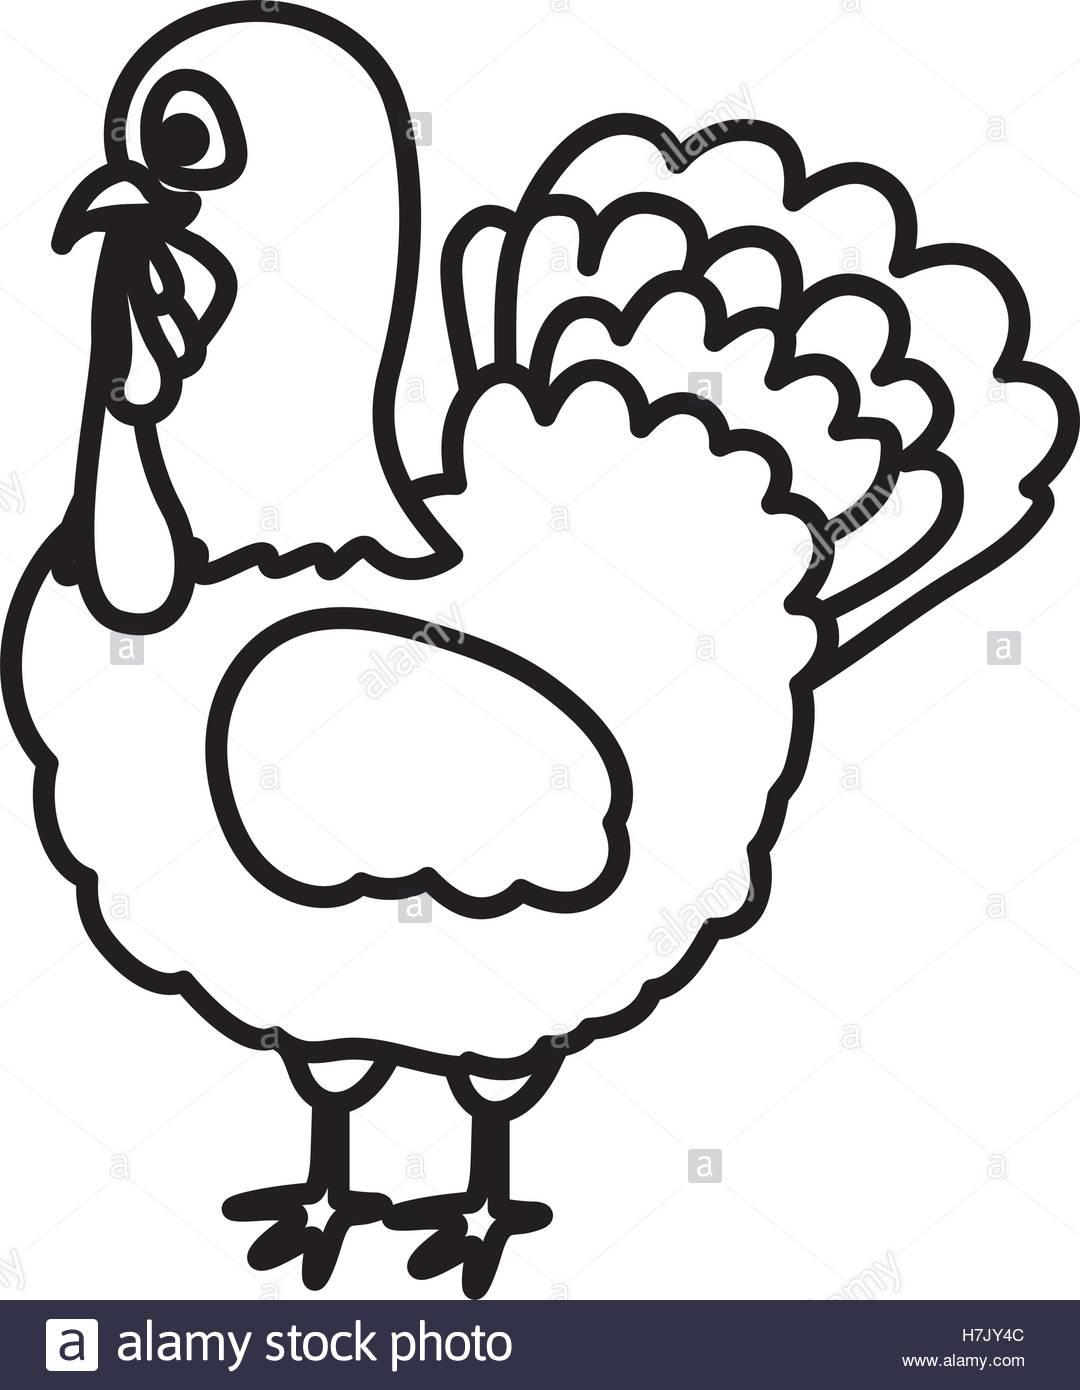 1080x1390 Turkey Icon. Thanksgiving And Autumn Season Theme. Silhouette